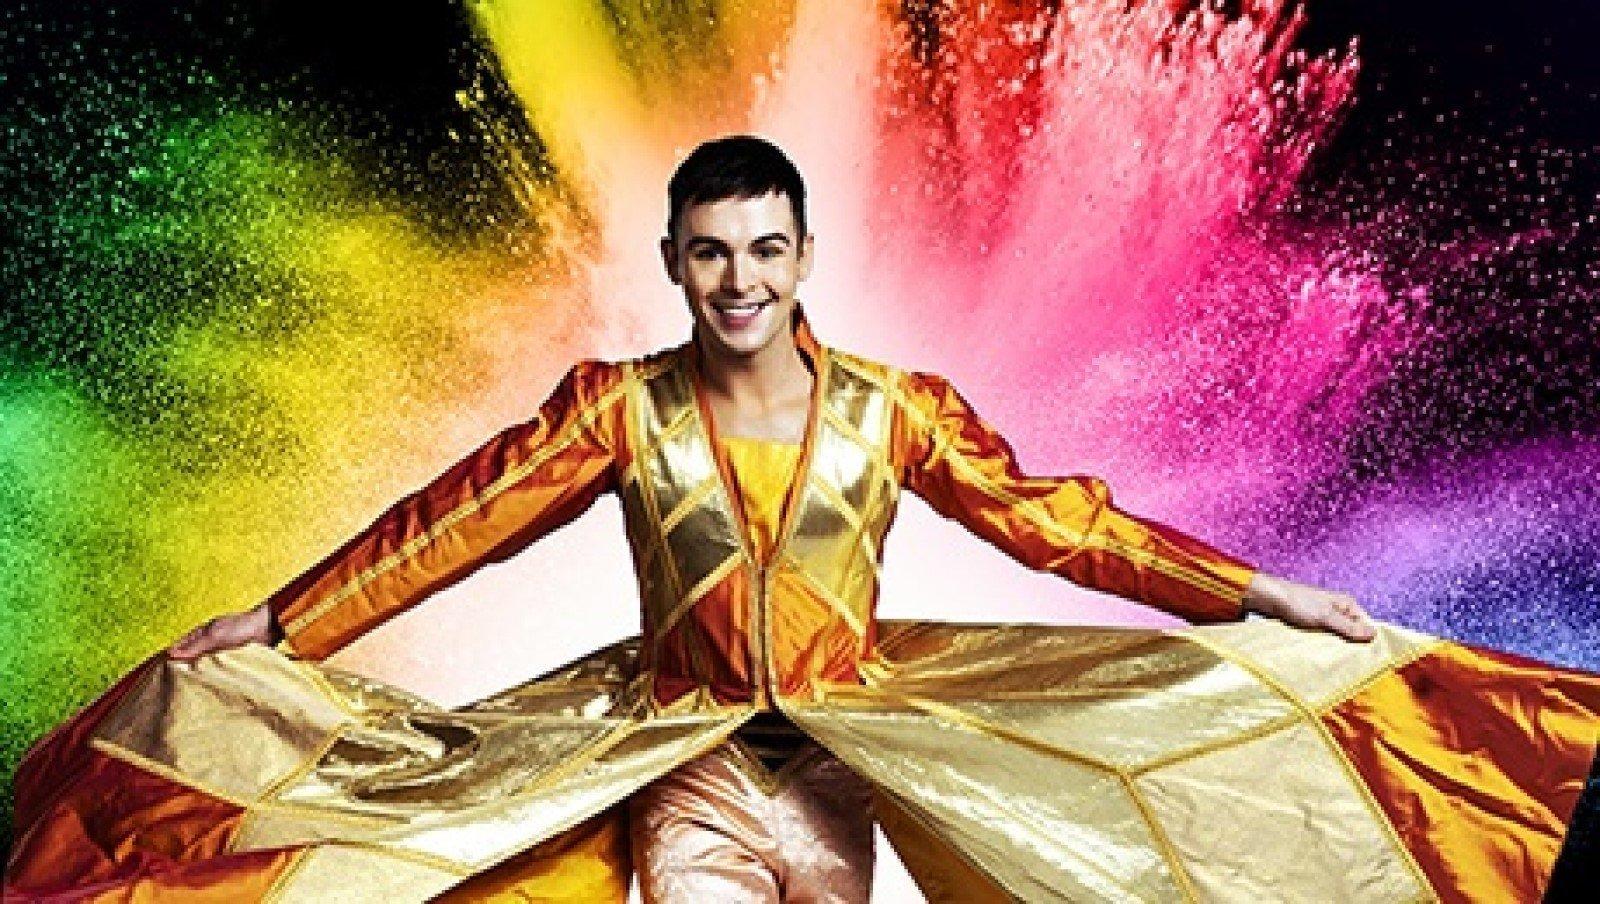 b53e597d960a7 Joseph and the Amazing Technicolor Dreamcoat - The Oxford Magazine